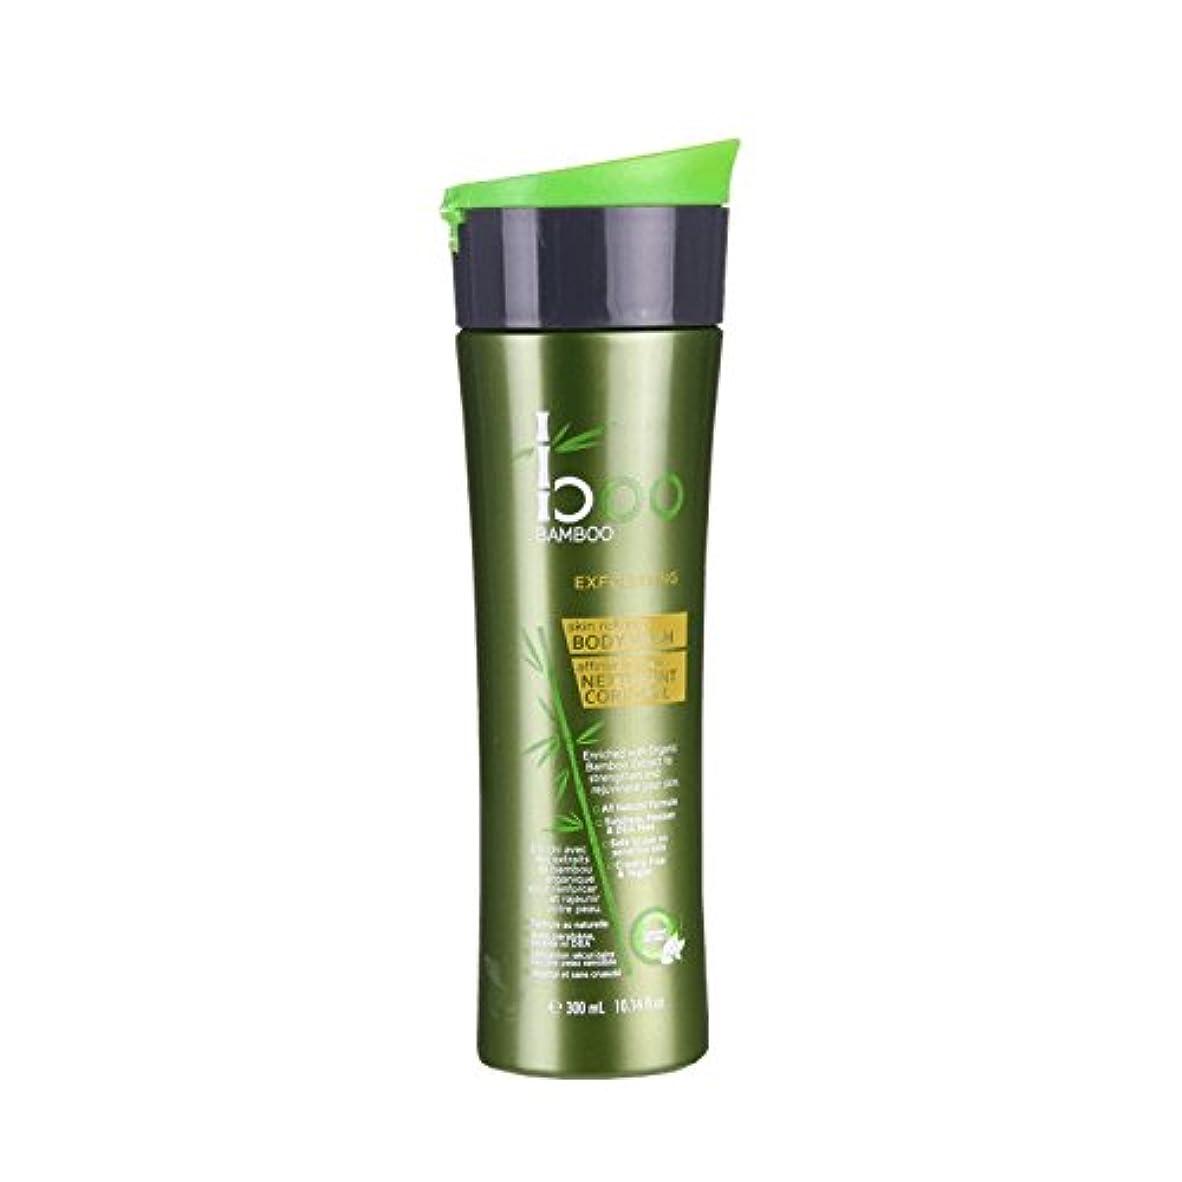 ピグマリオンコンテスト司教Boo Bamboo Exfoliating Body Wash 300ml (Pack of 2) - 竹ピーリングボディウォッシュ300ミリリットルブーイング (x2) [並行輸入品]